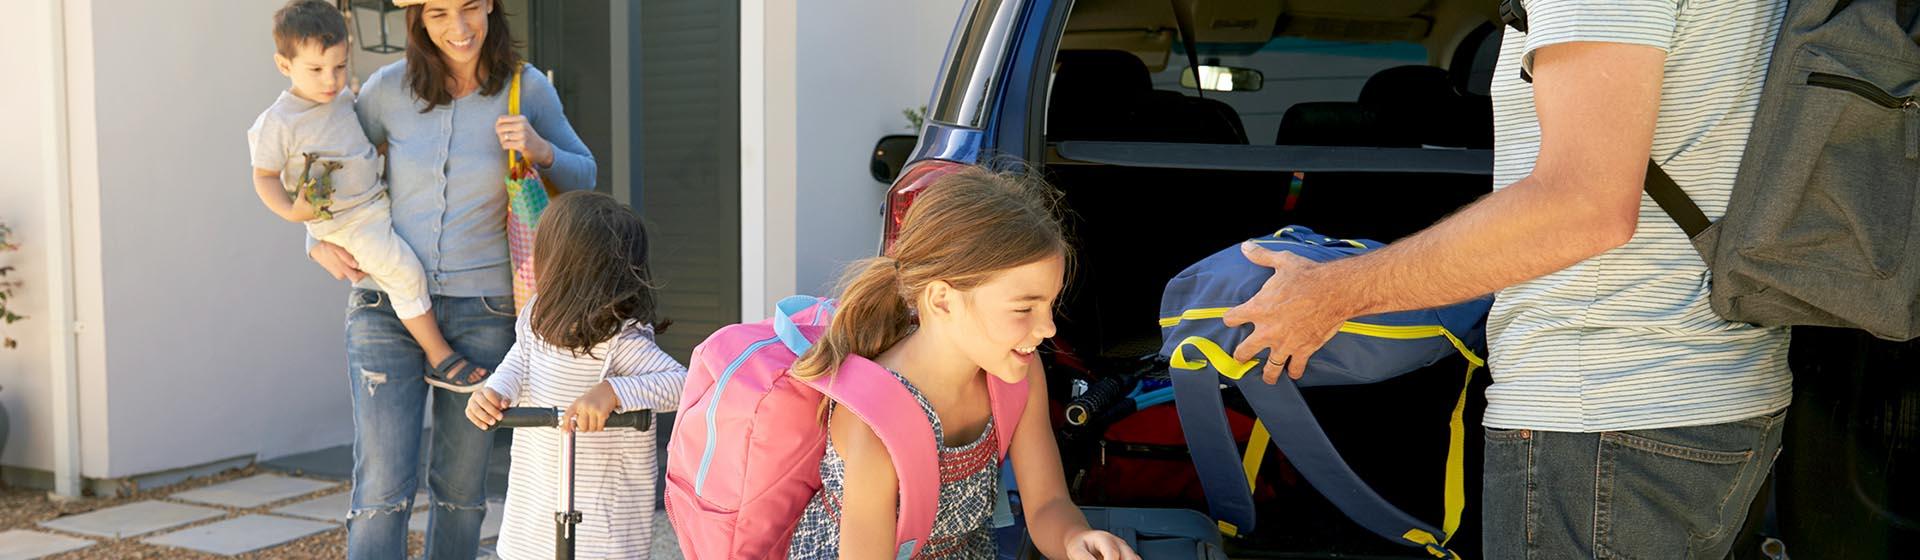 Kinderdagverblijf dat kinderen in privéauto vervoert is onverzekerd